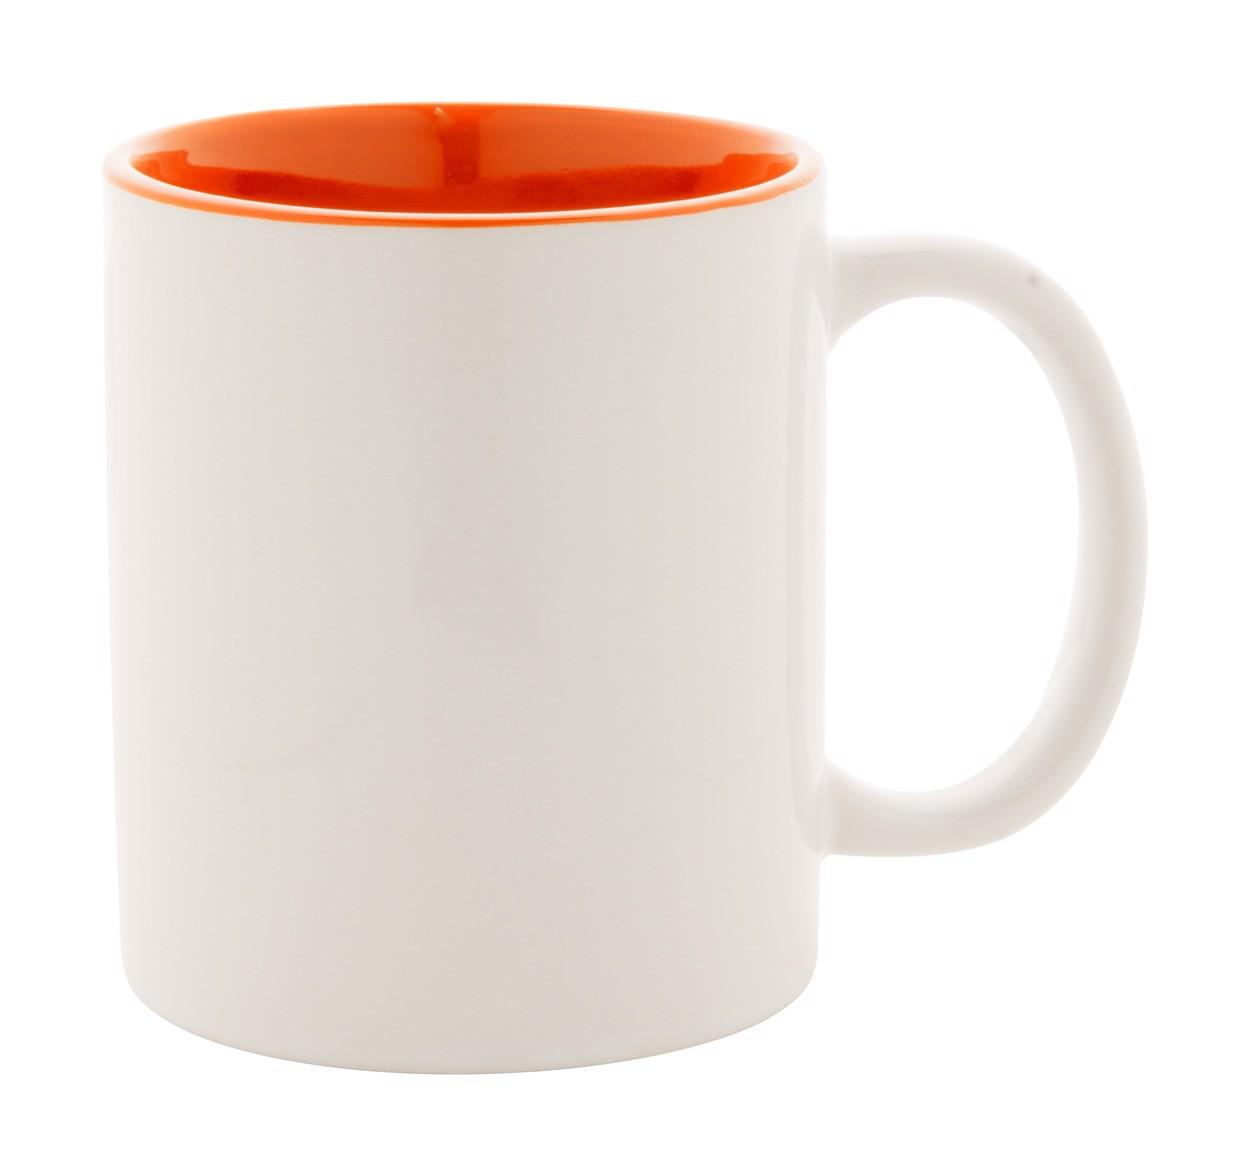 Hrnek Loom - Bílá / Oranžová